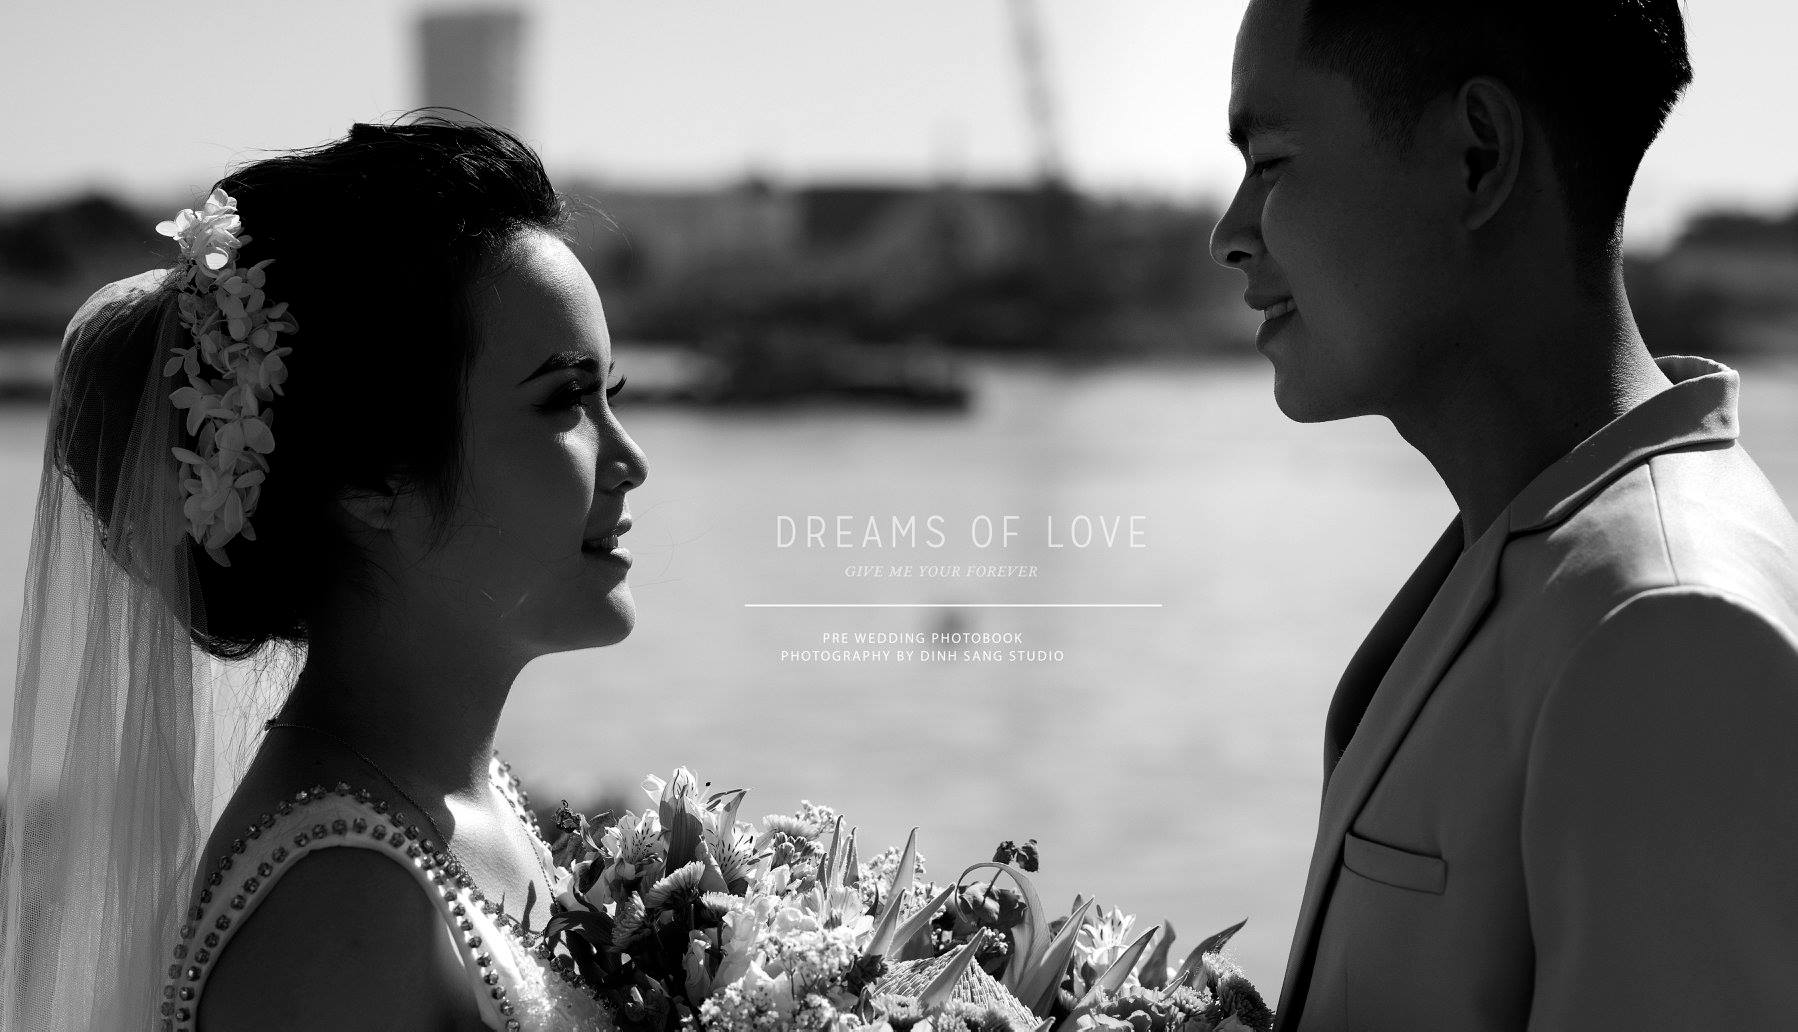 Xếp hạng 8 Studio chụp ảnh cưới đẹp nhất Tiền Giang - Đinh Sang studio